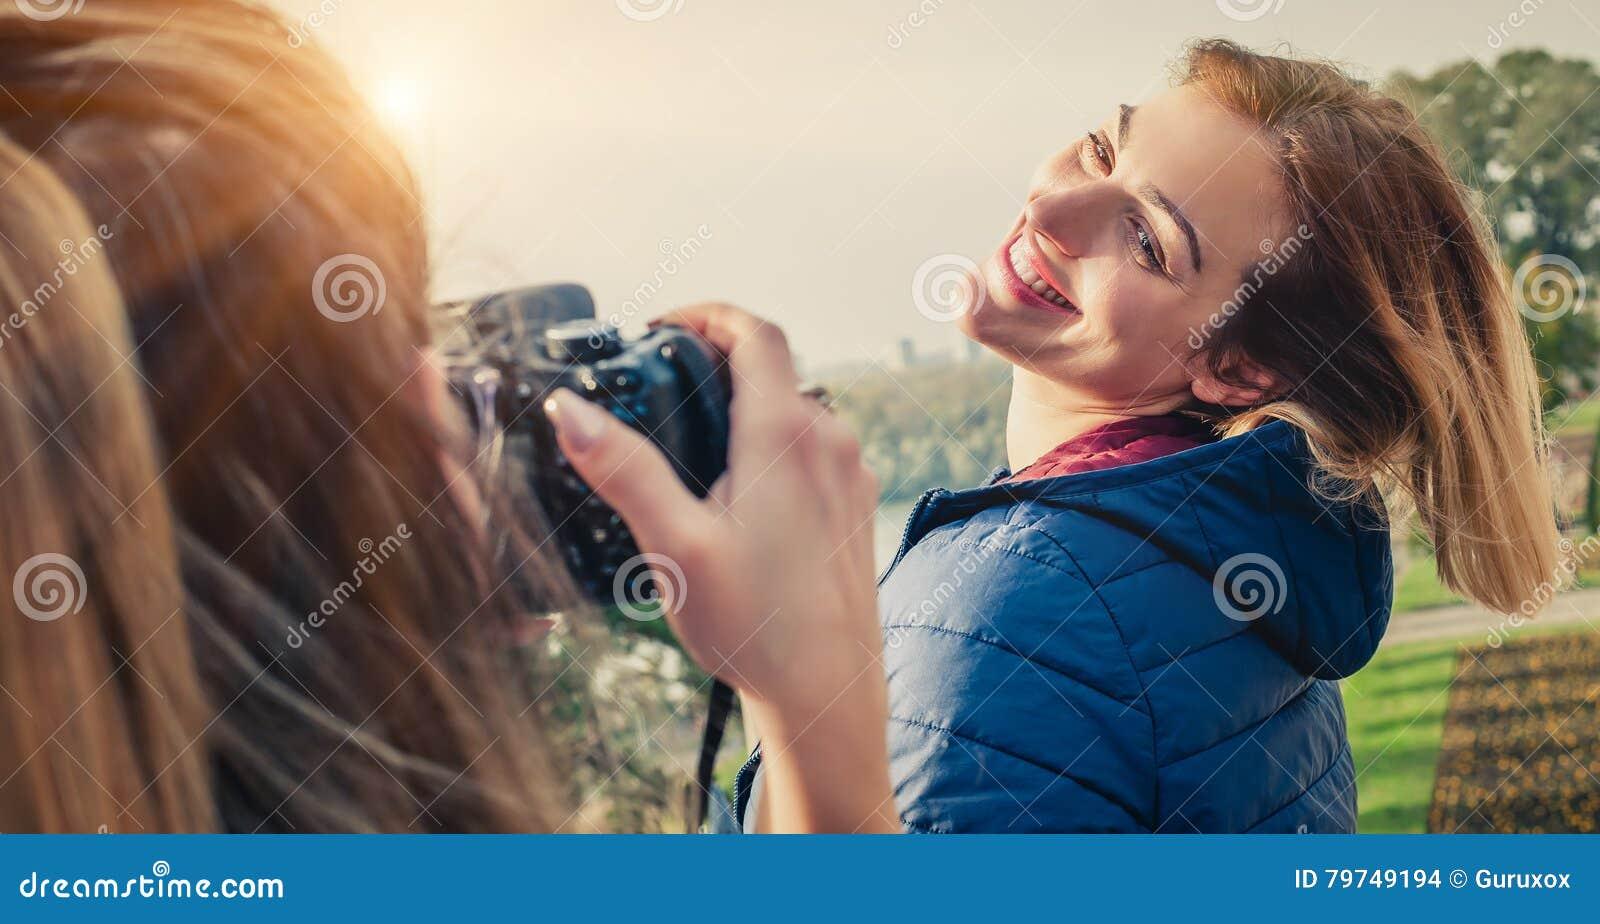 Tirado de un fotógrafo de la muchacha que toma una foto de un su amigo